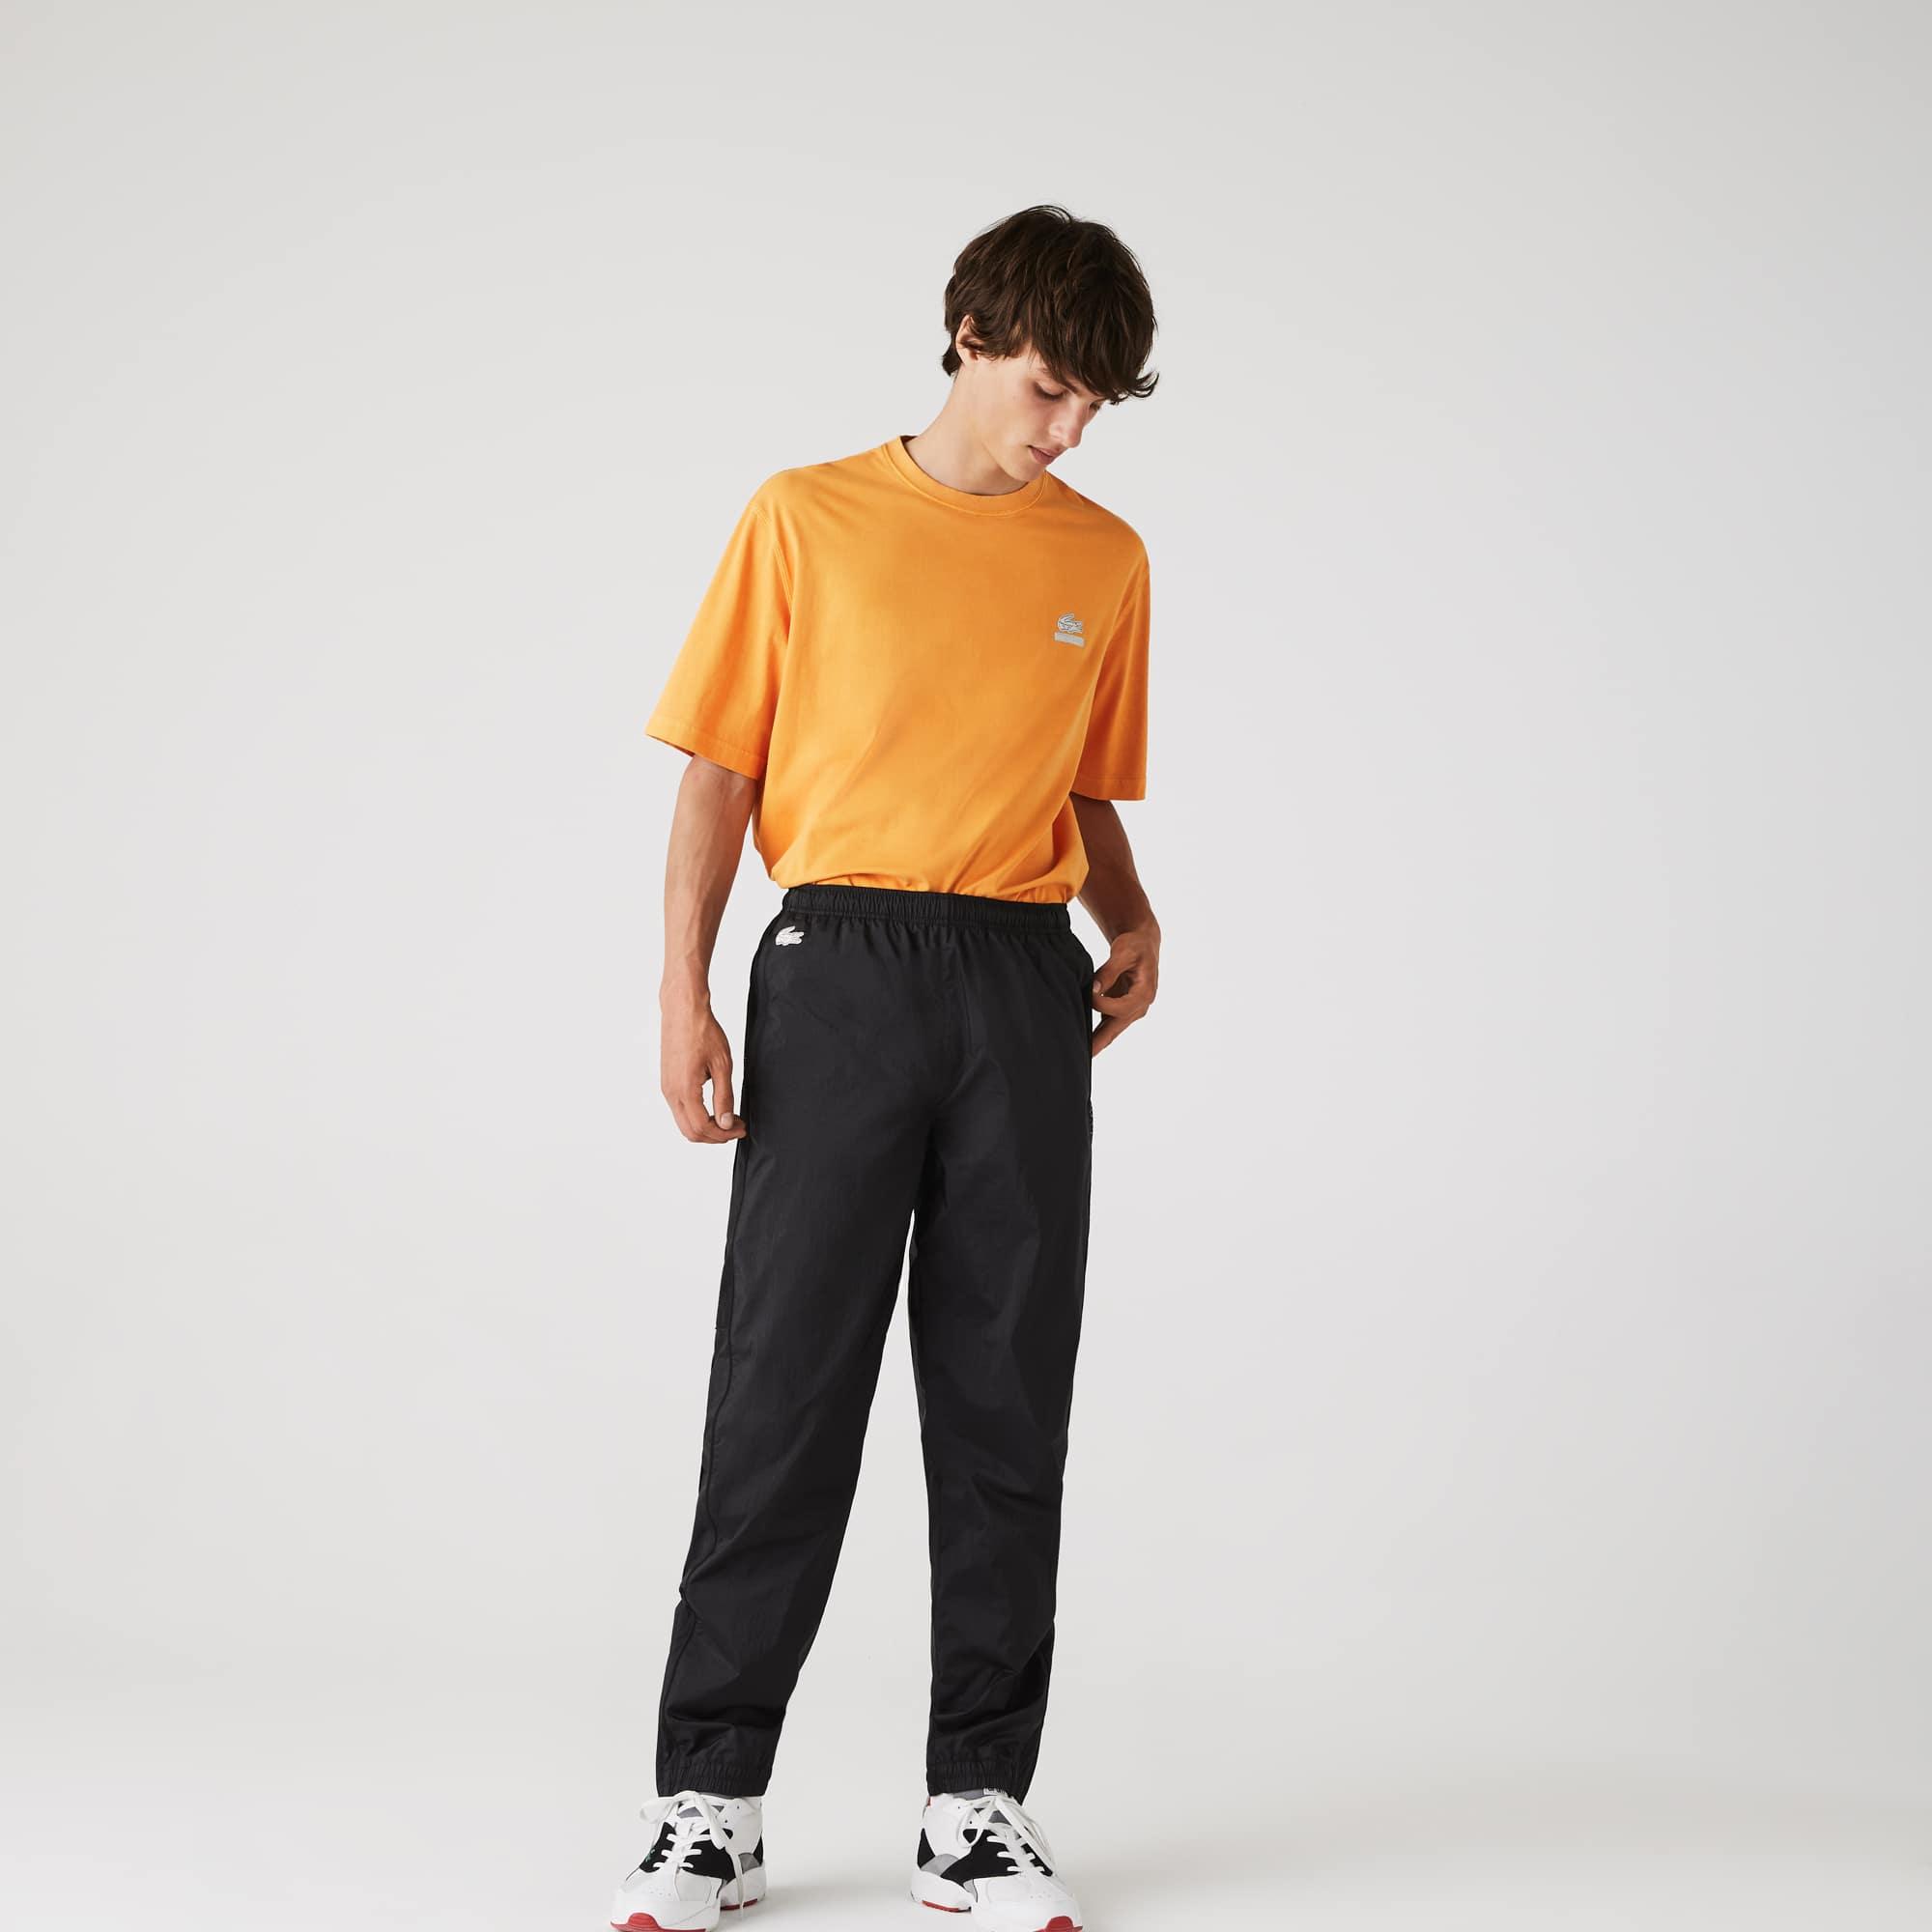 라코스테 X 컨셉츠 콜라보 경량 트랙 팬츠 Lacoste Mens CONCEPTS Collaboration Lightweight Track Pants